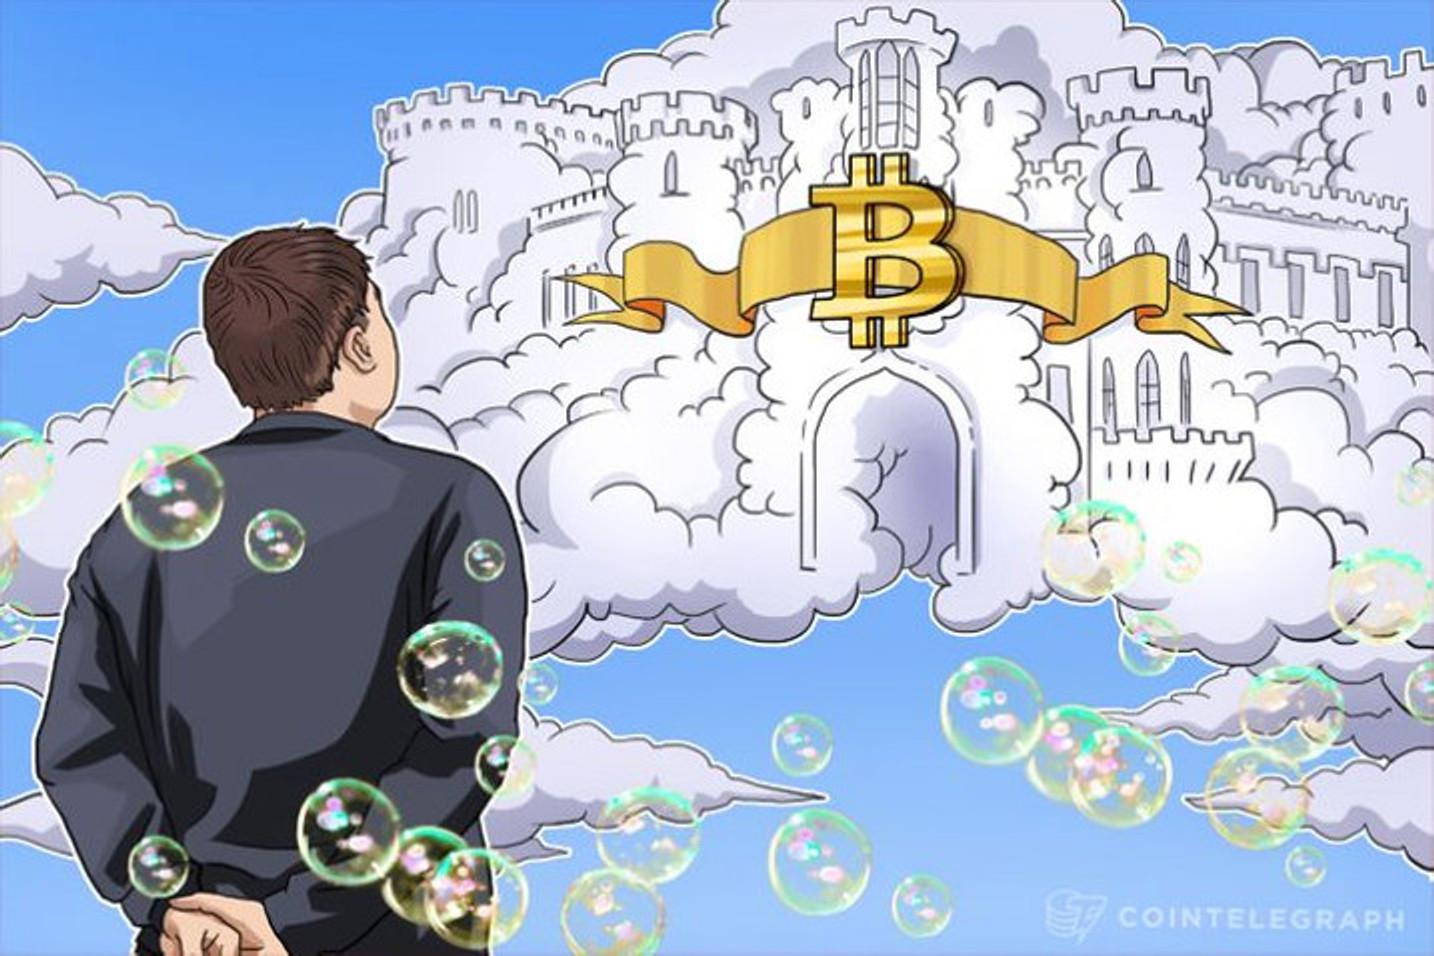 Cansado de investir em Bitcoin? Especialista indica como escolher as empresas para aplicar na Bolsa de Valores